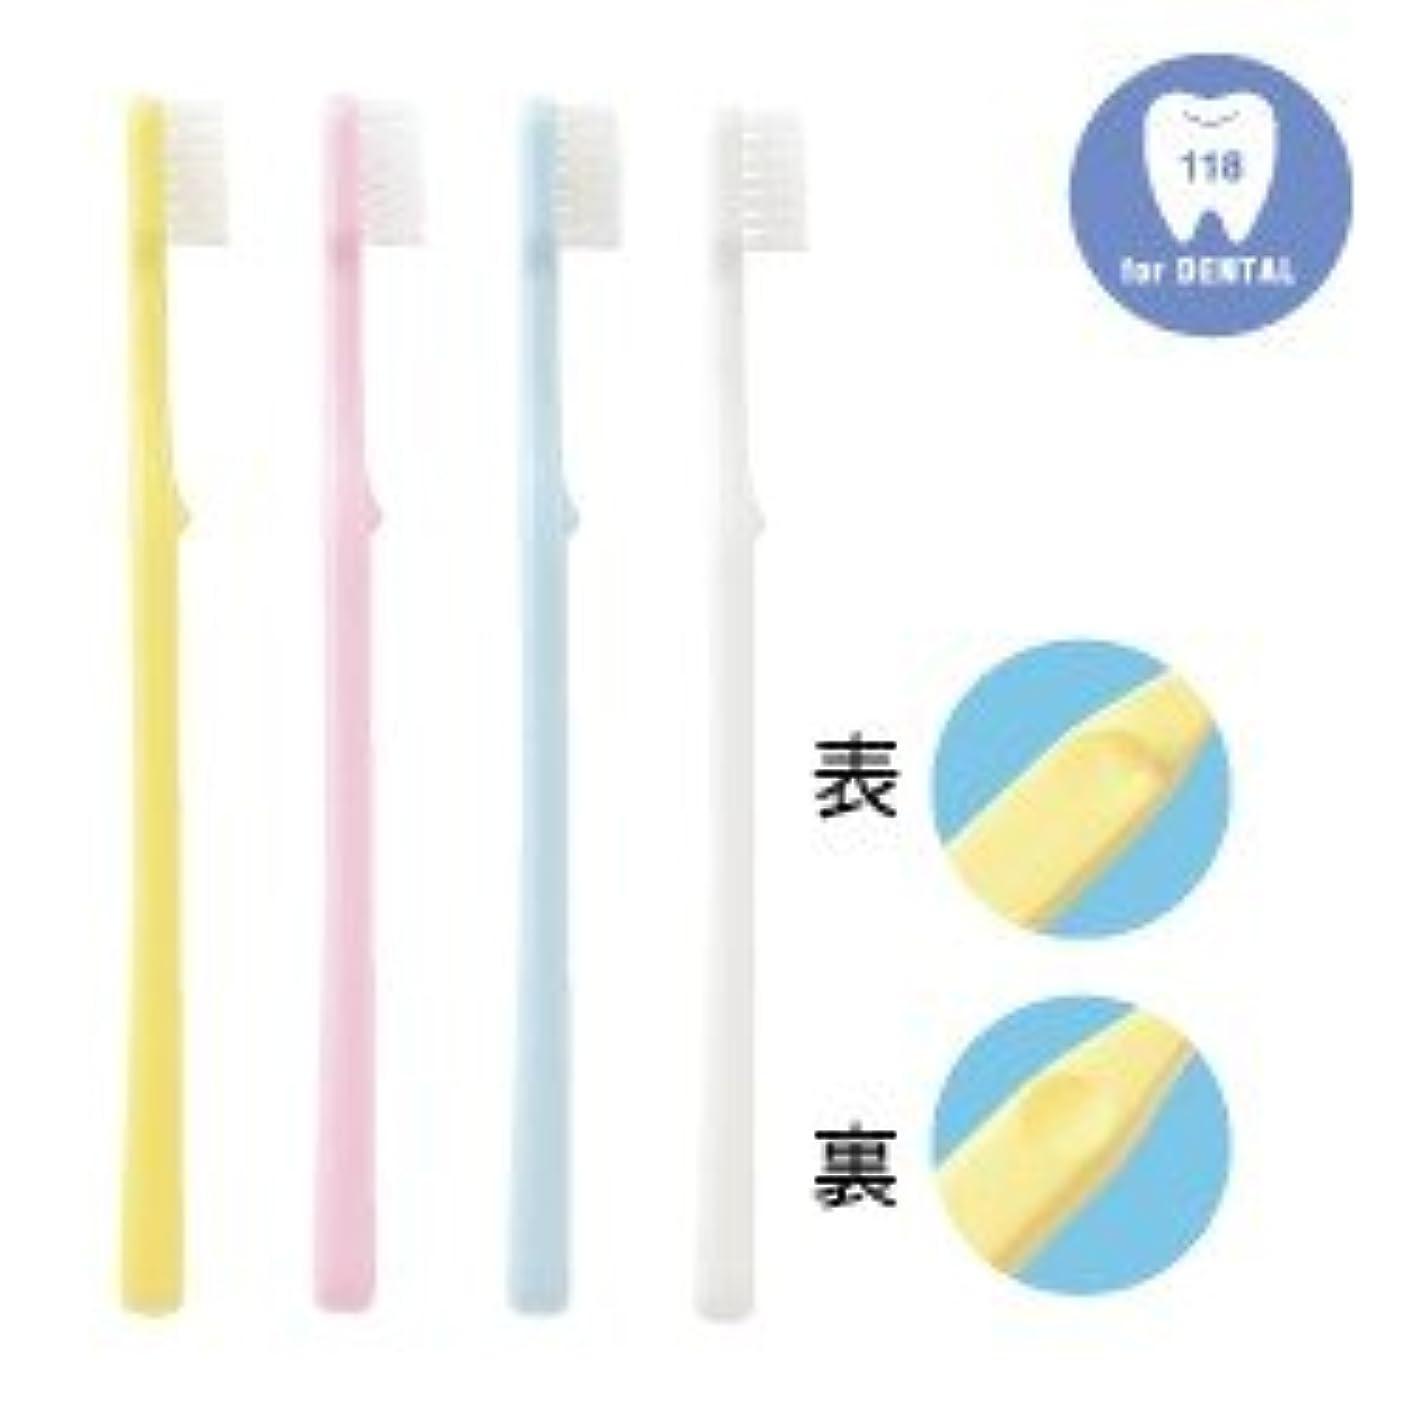 感嘆符比率写真撮影歯科専用歯ブラシ フォーカス 子供用 118シリーズ M(ふつう) 20本